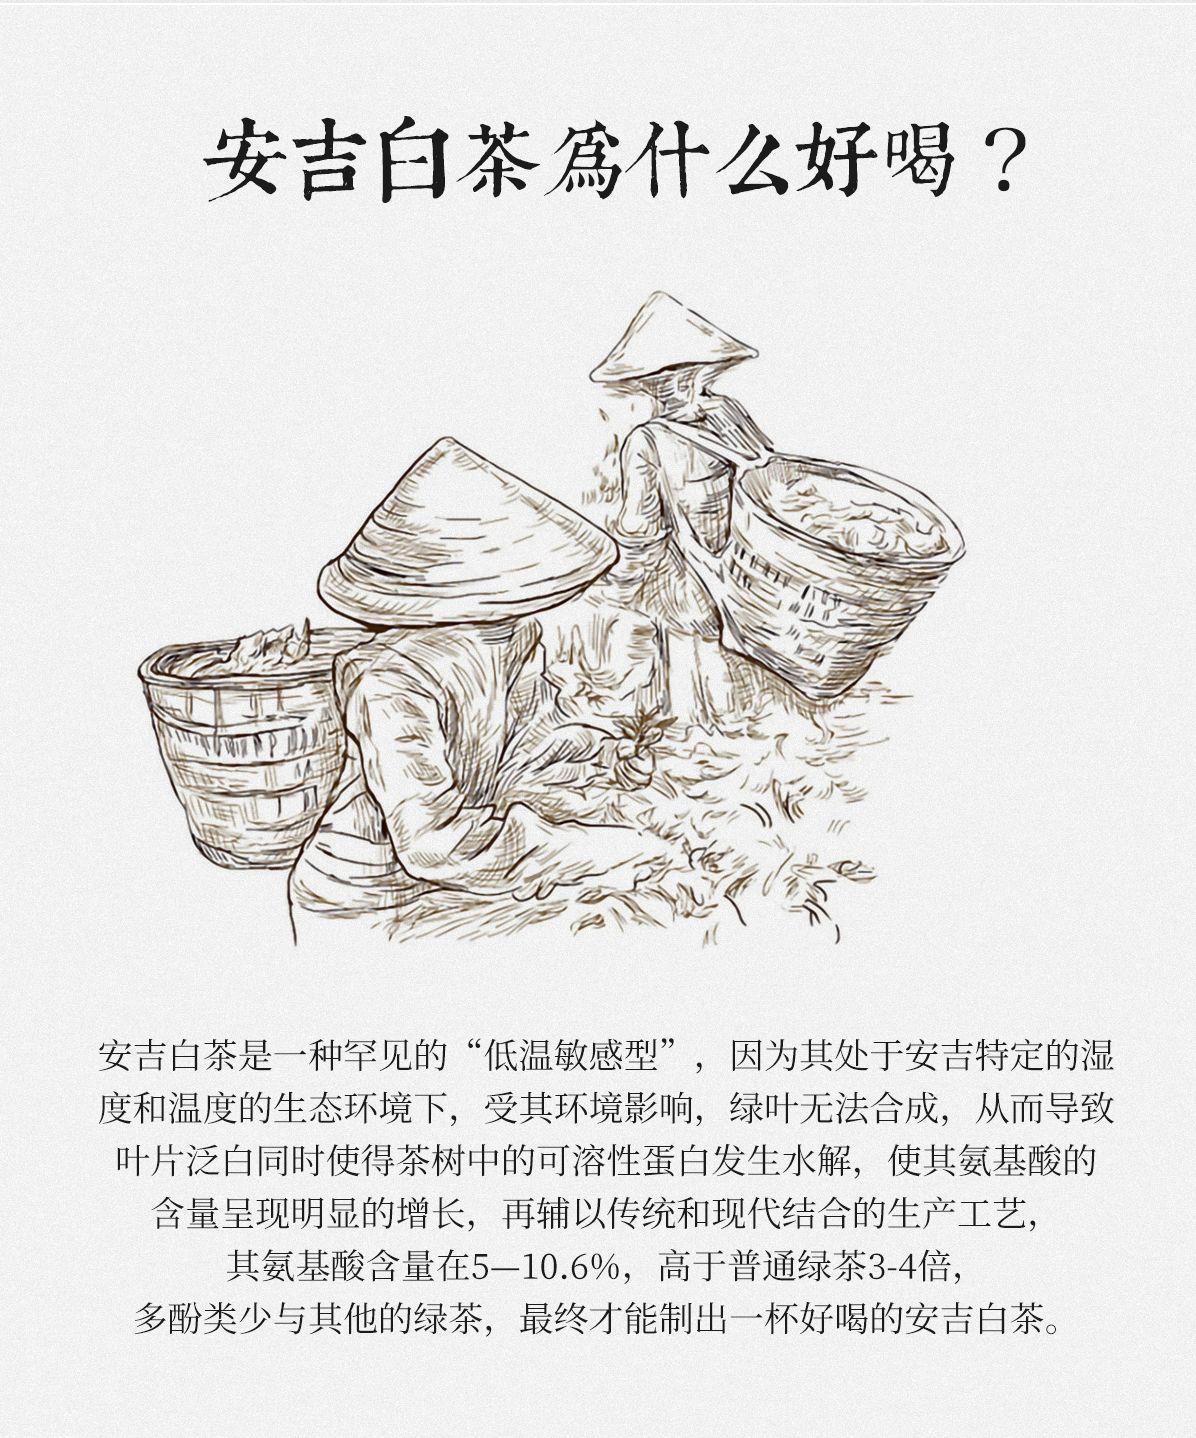 4-13-官网白茶详情_03.jpg